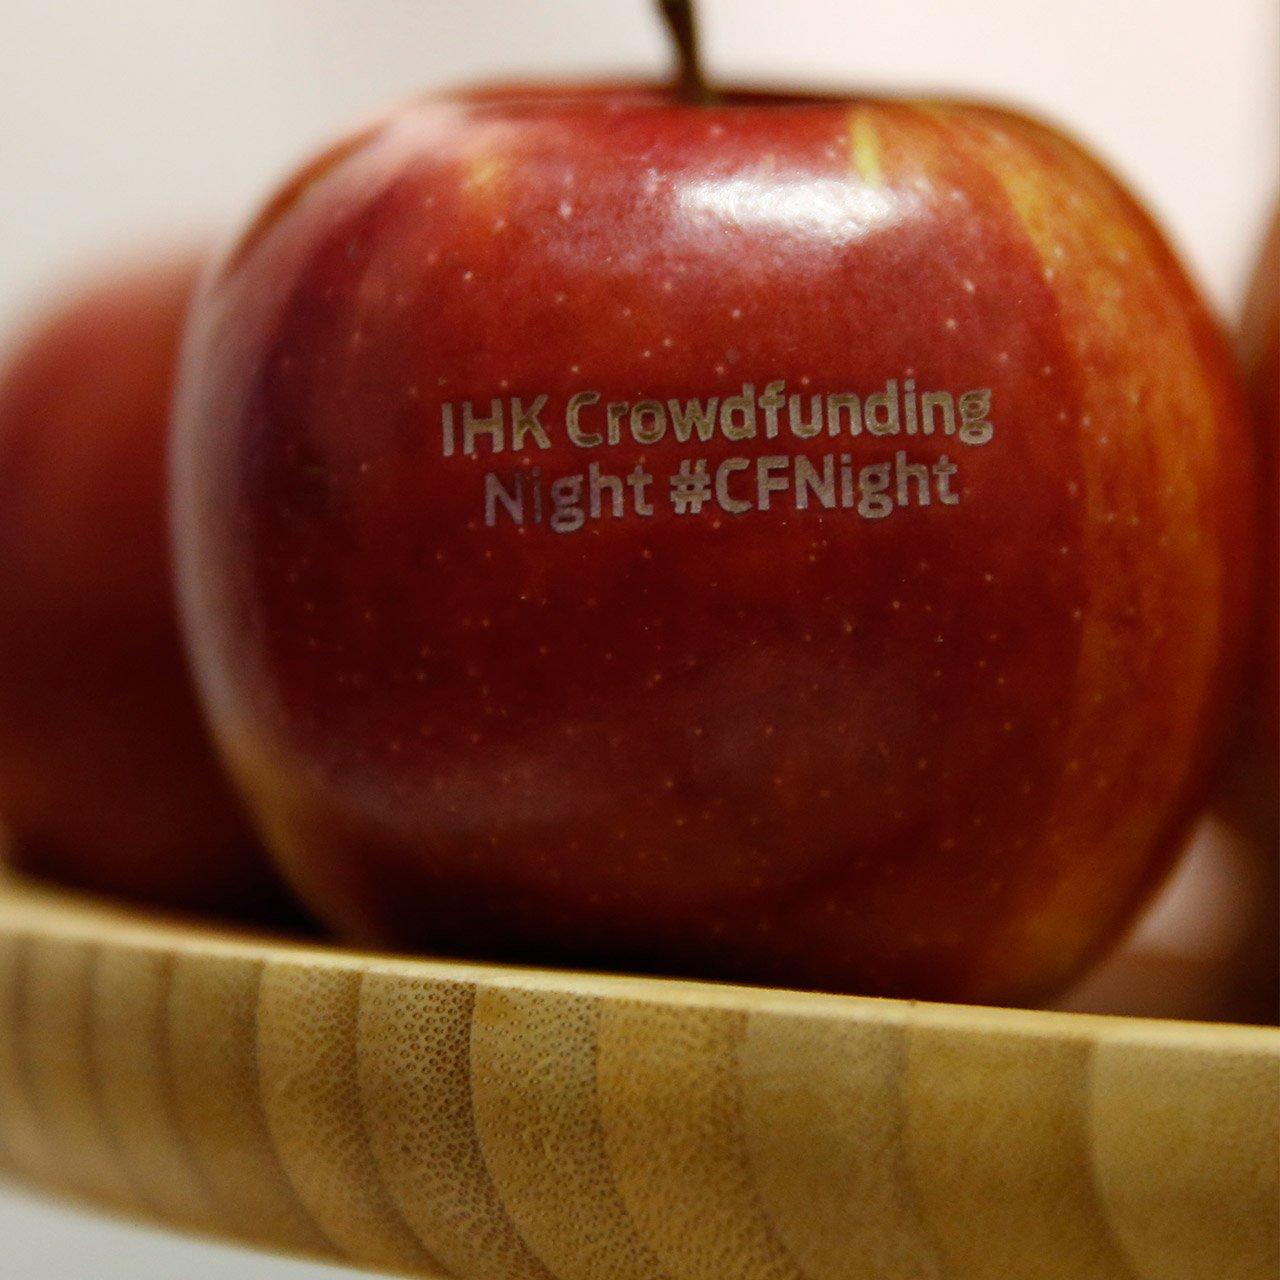 Apfel mit Gravur